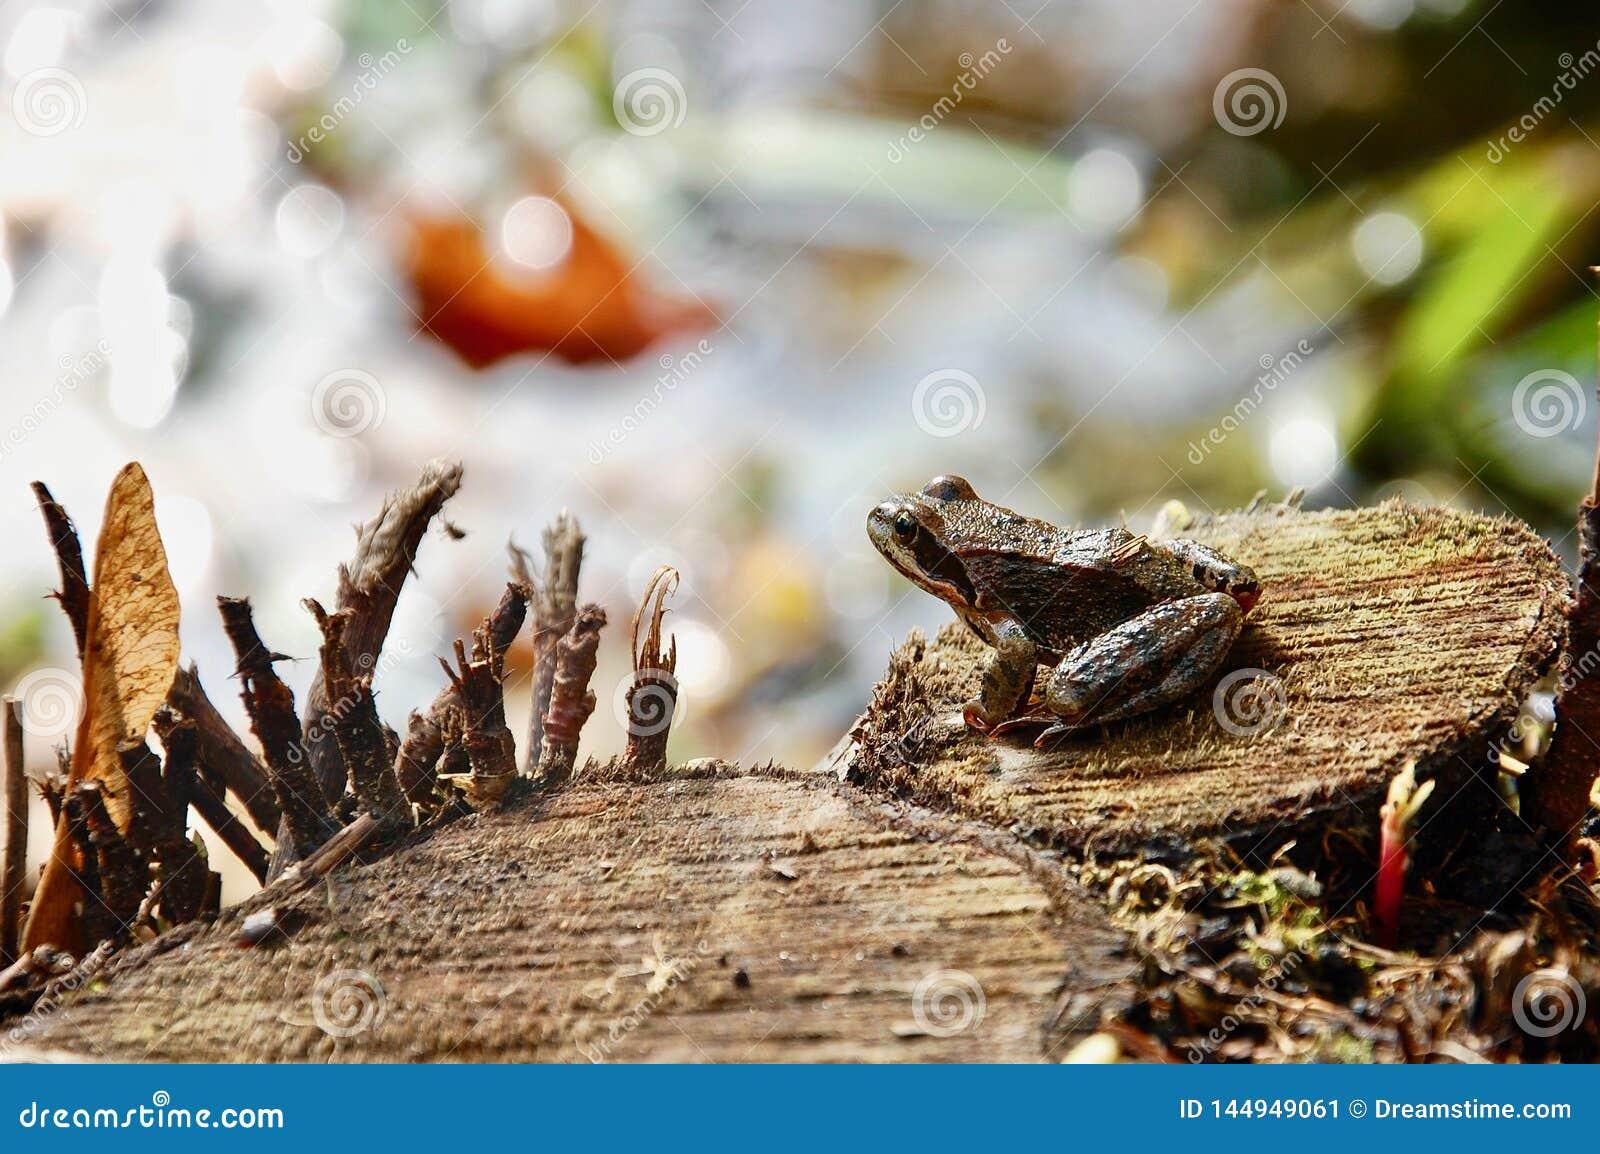 Das europäische allgemeine braune Grasfrosch Rana temporaria auf hölzernem Stumpf